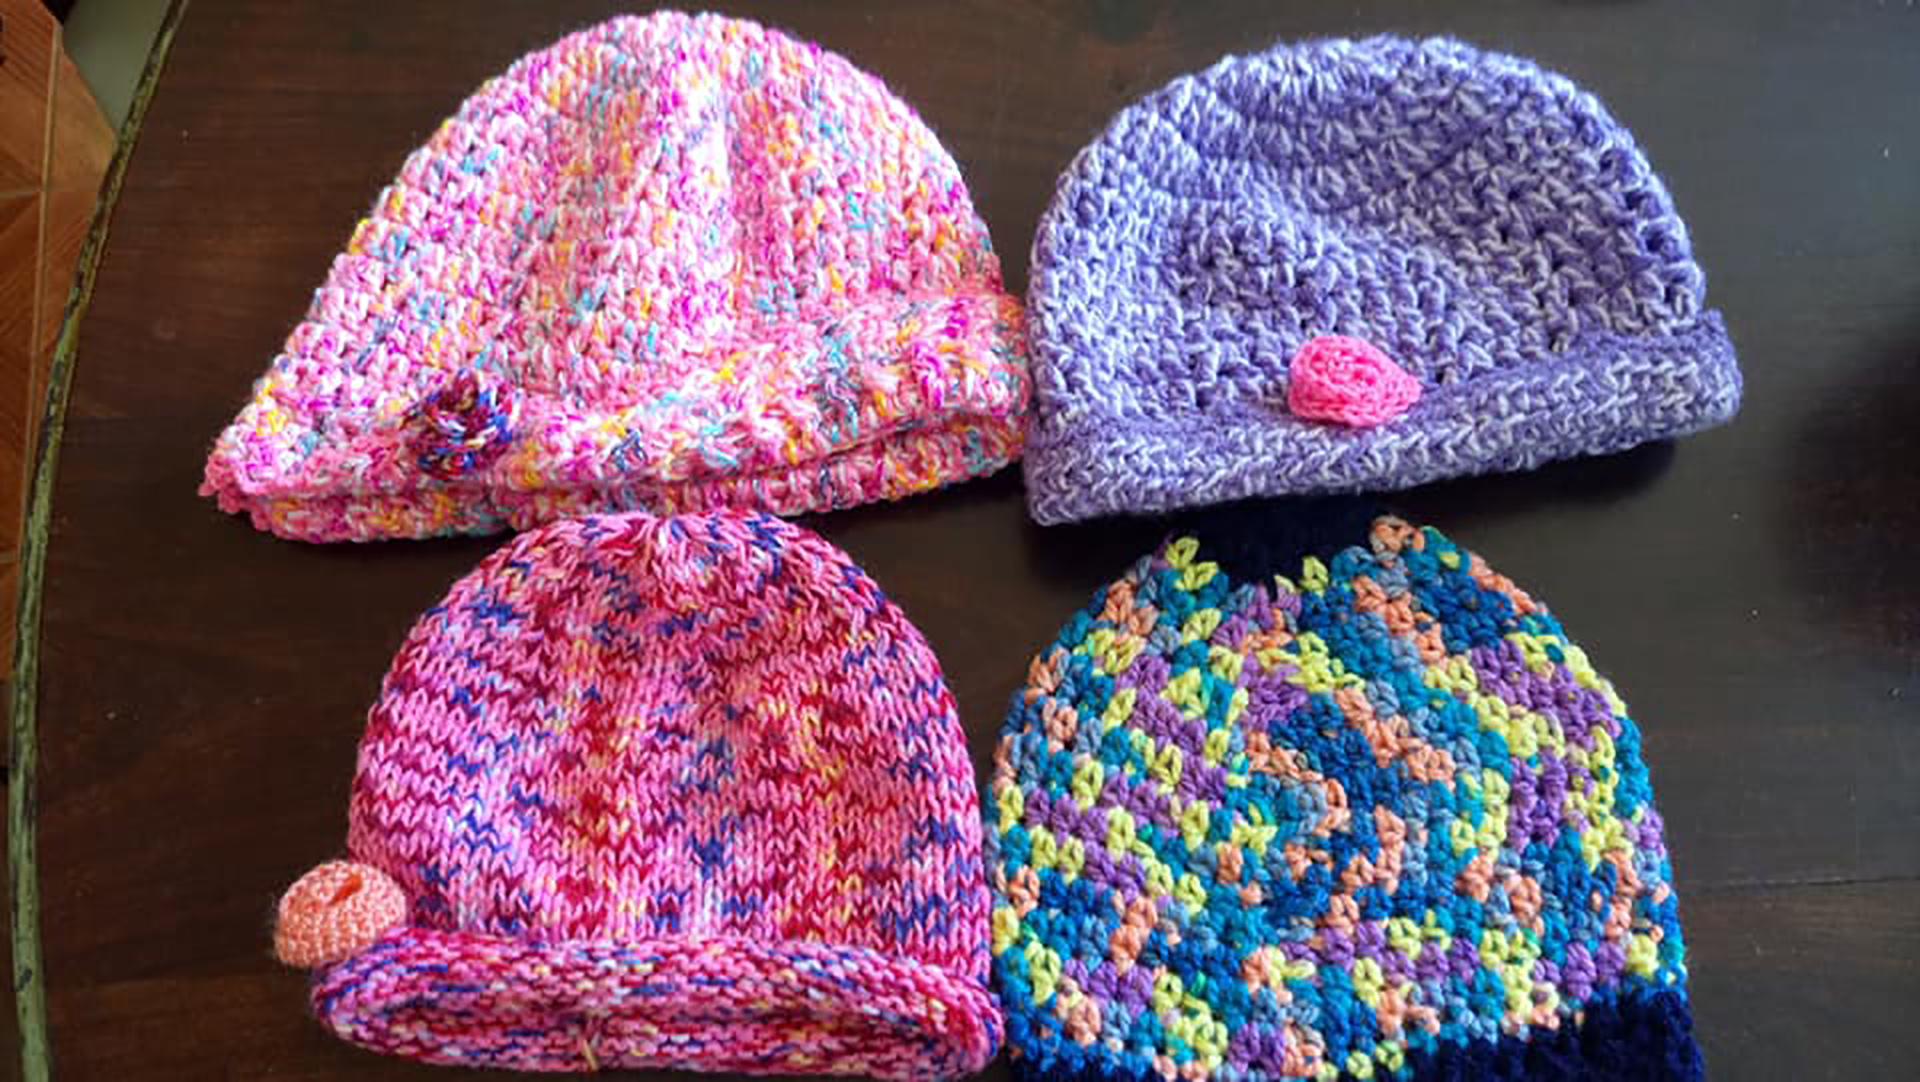 Gorros de lana multicolor tejidos para el invierno.